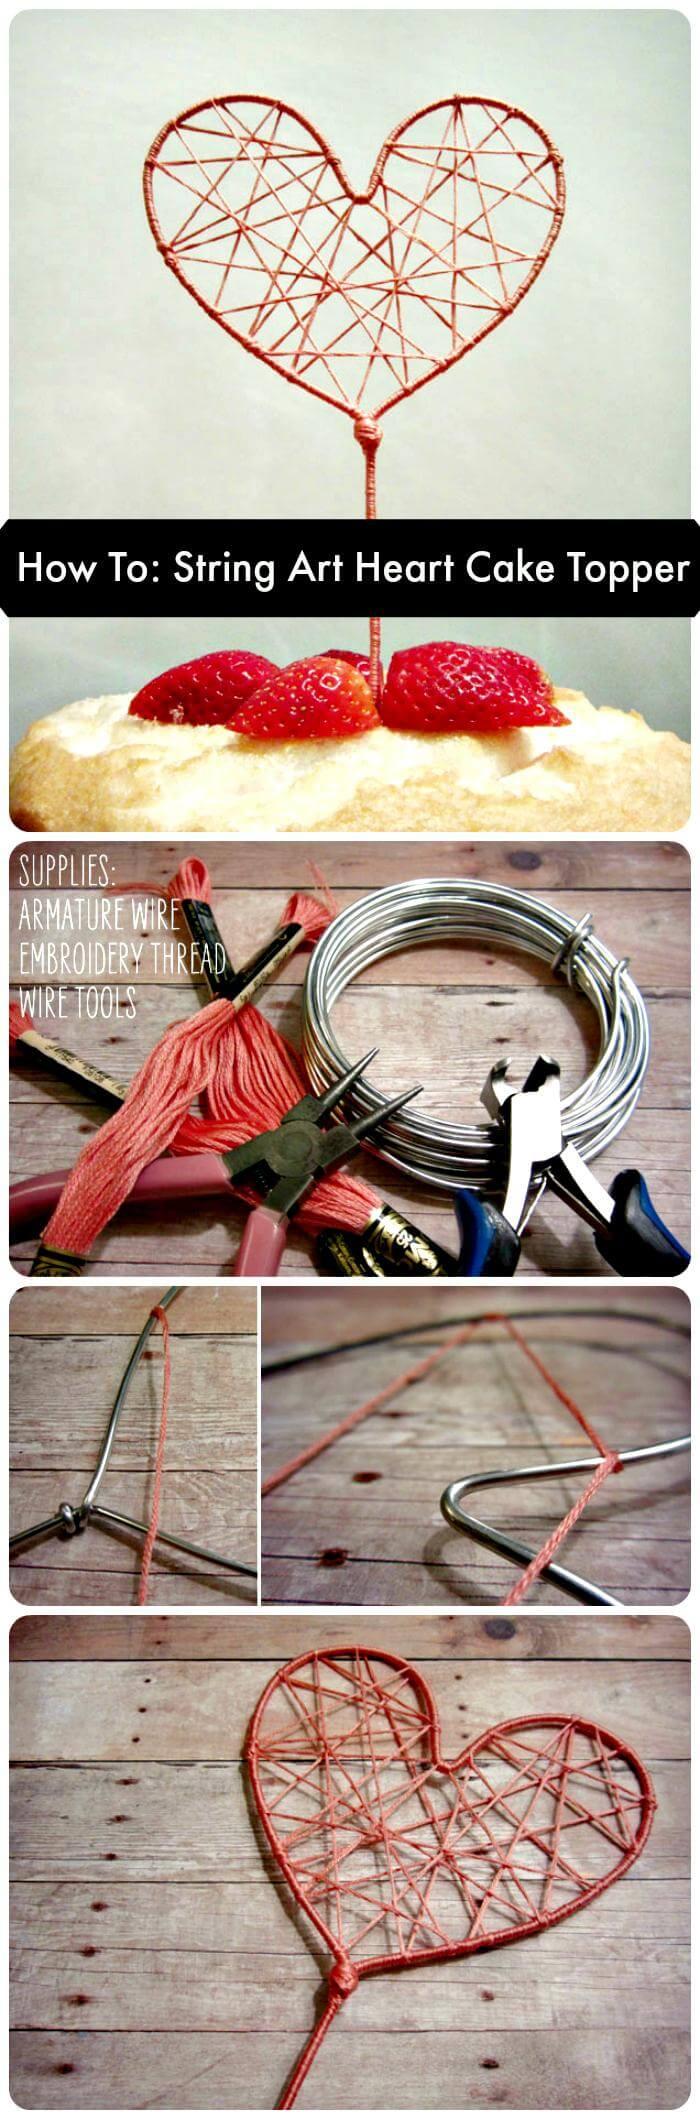 How To String Art Heart Cake Topper